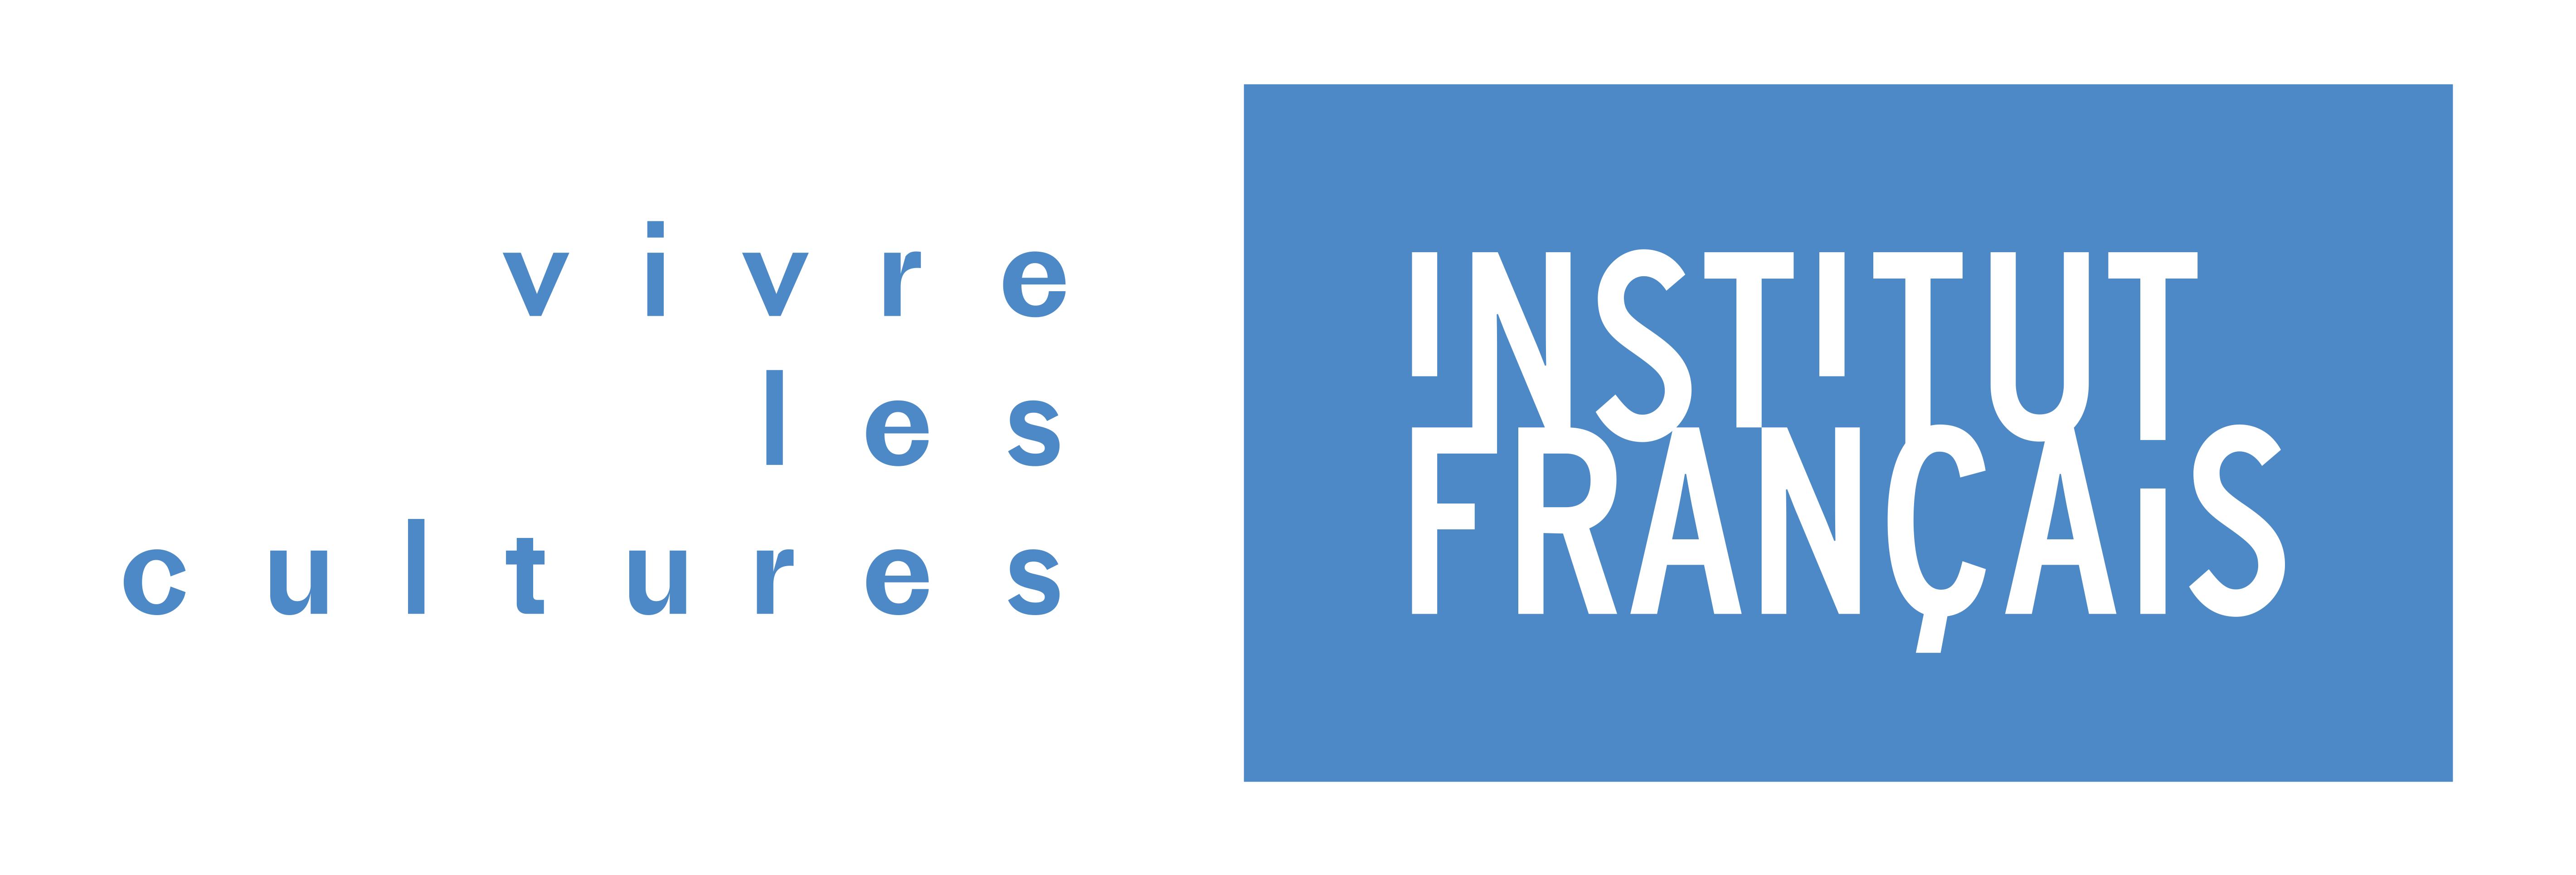 PROGRAMME DE L'INSTITUT FRANÇAIS AU FESTIVAL DE CANNES 2018…